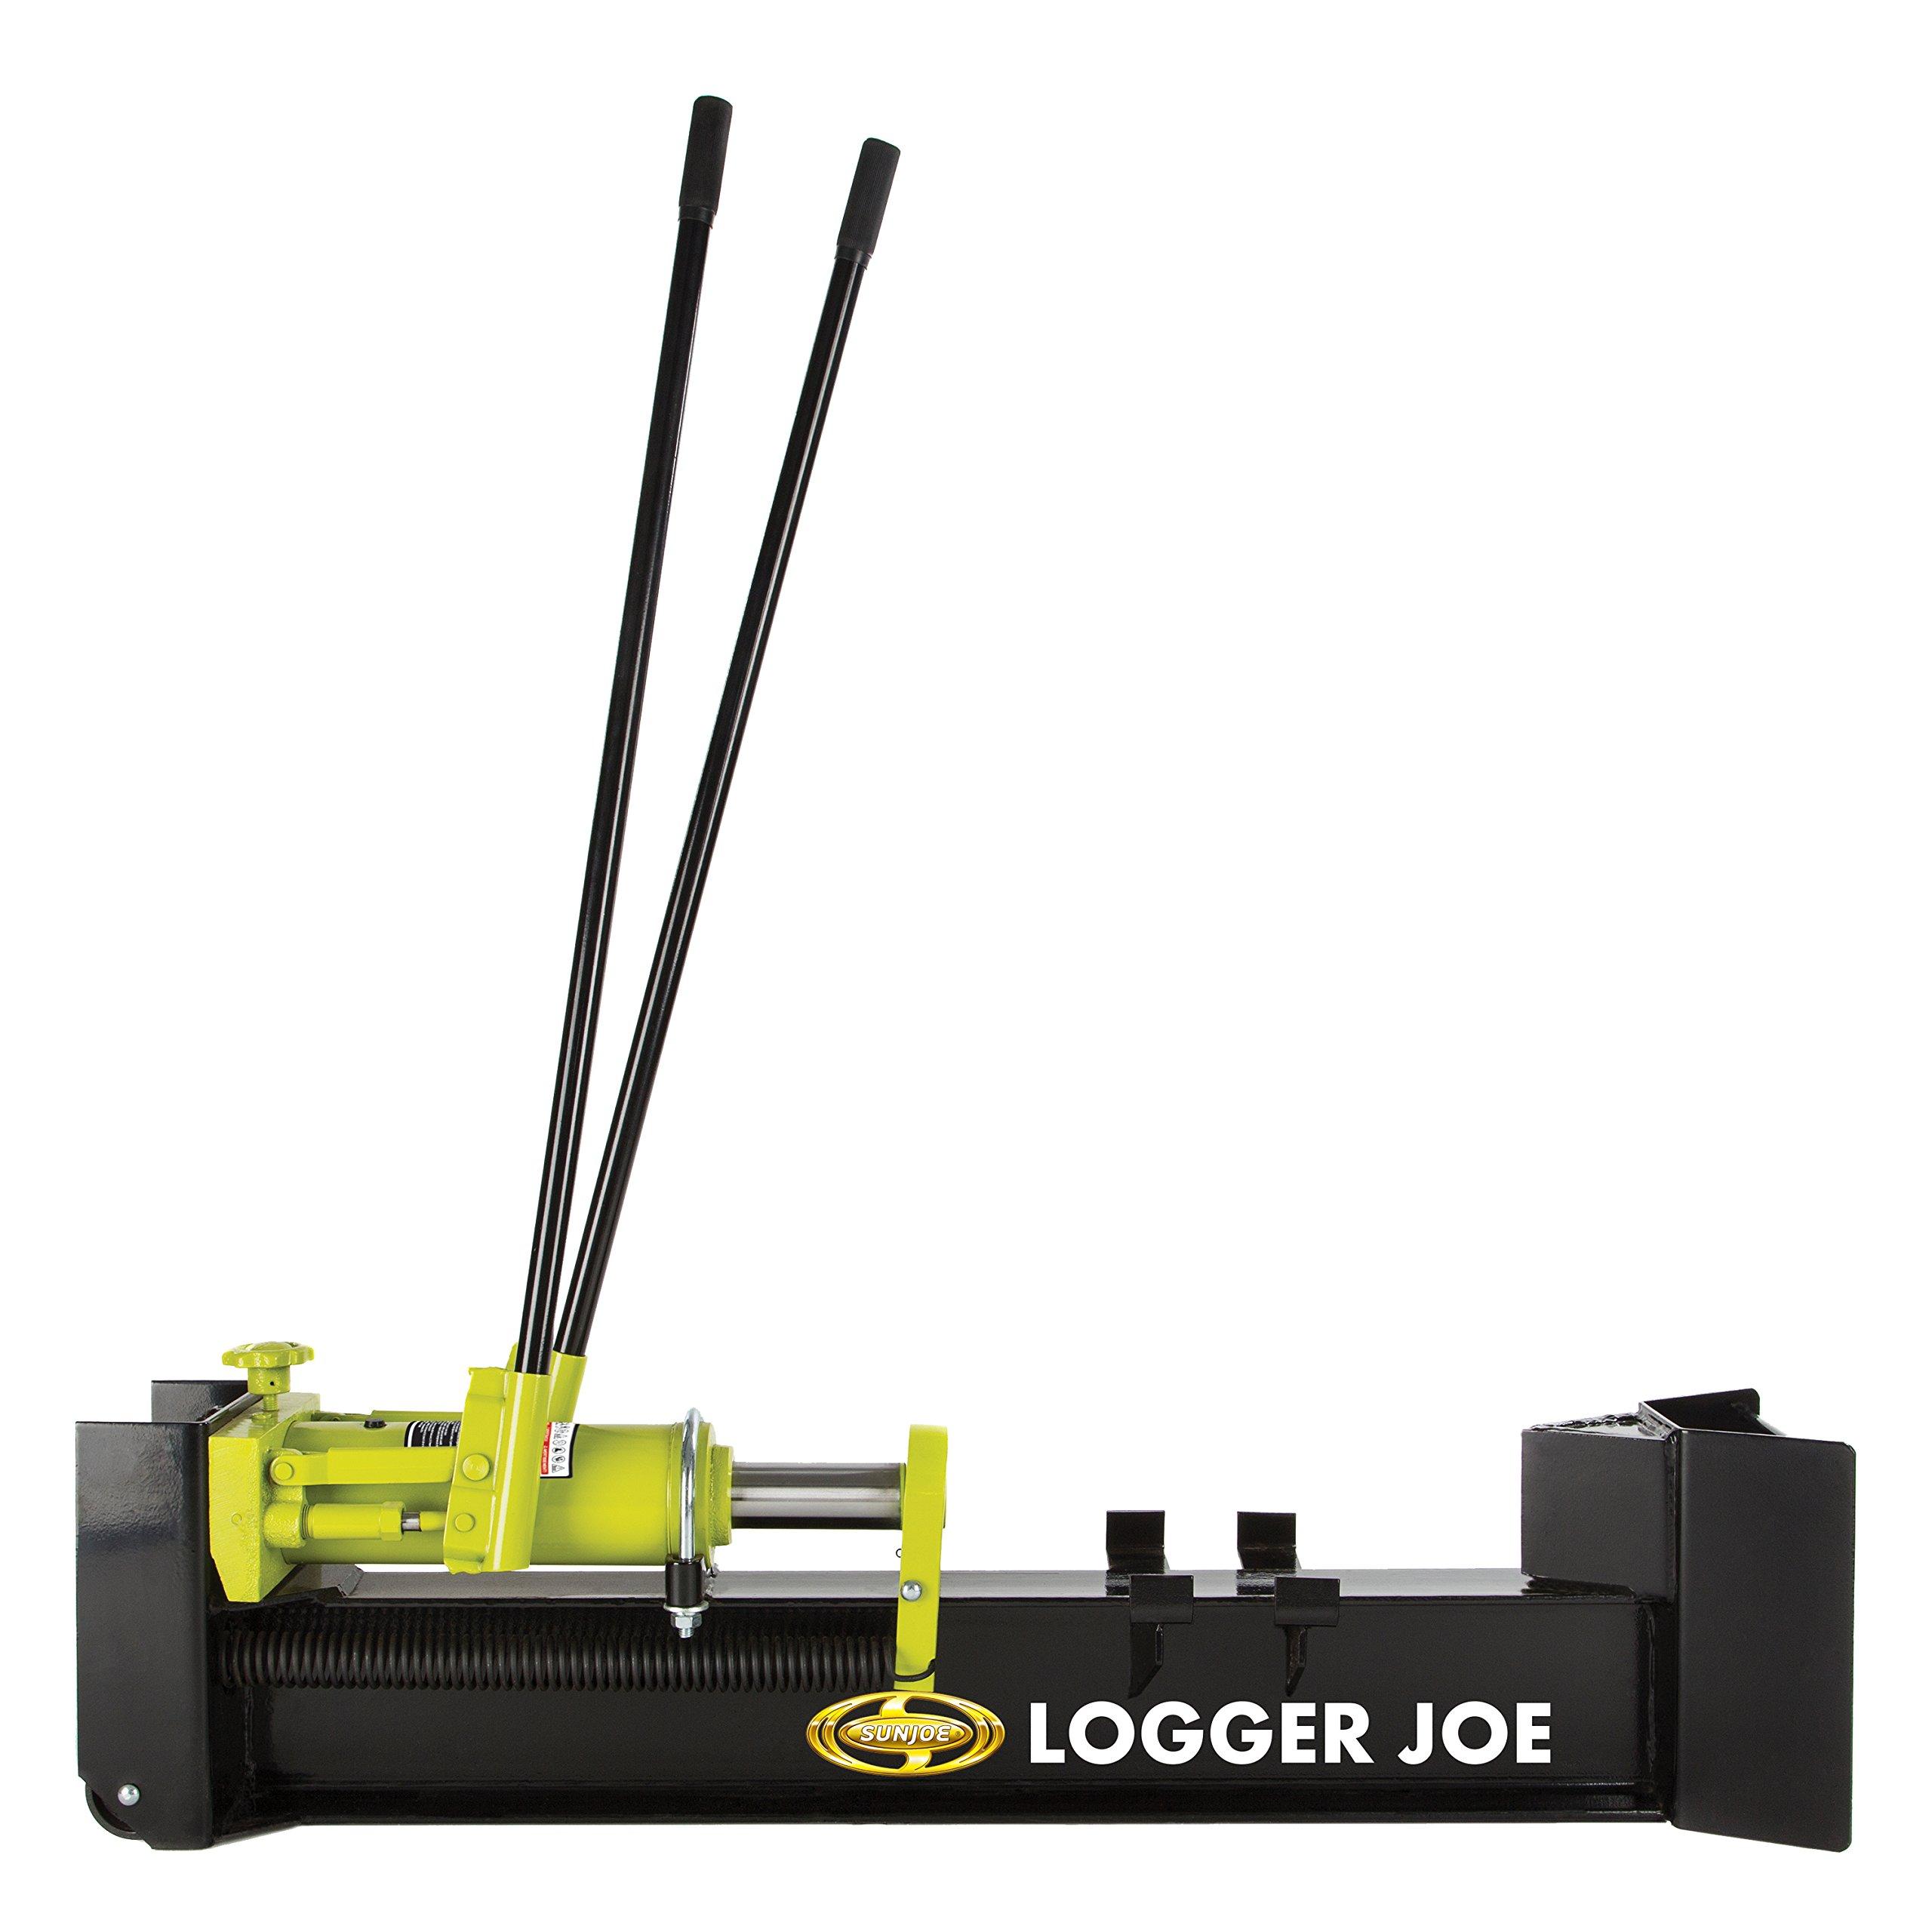 Sun Joe LJ10M Logger Joe 10 Ton Hydraulic Log Splitter